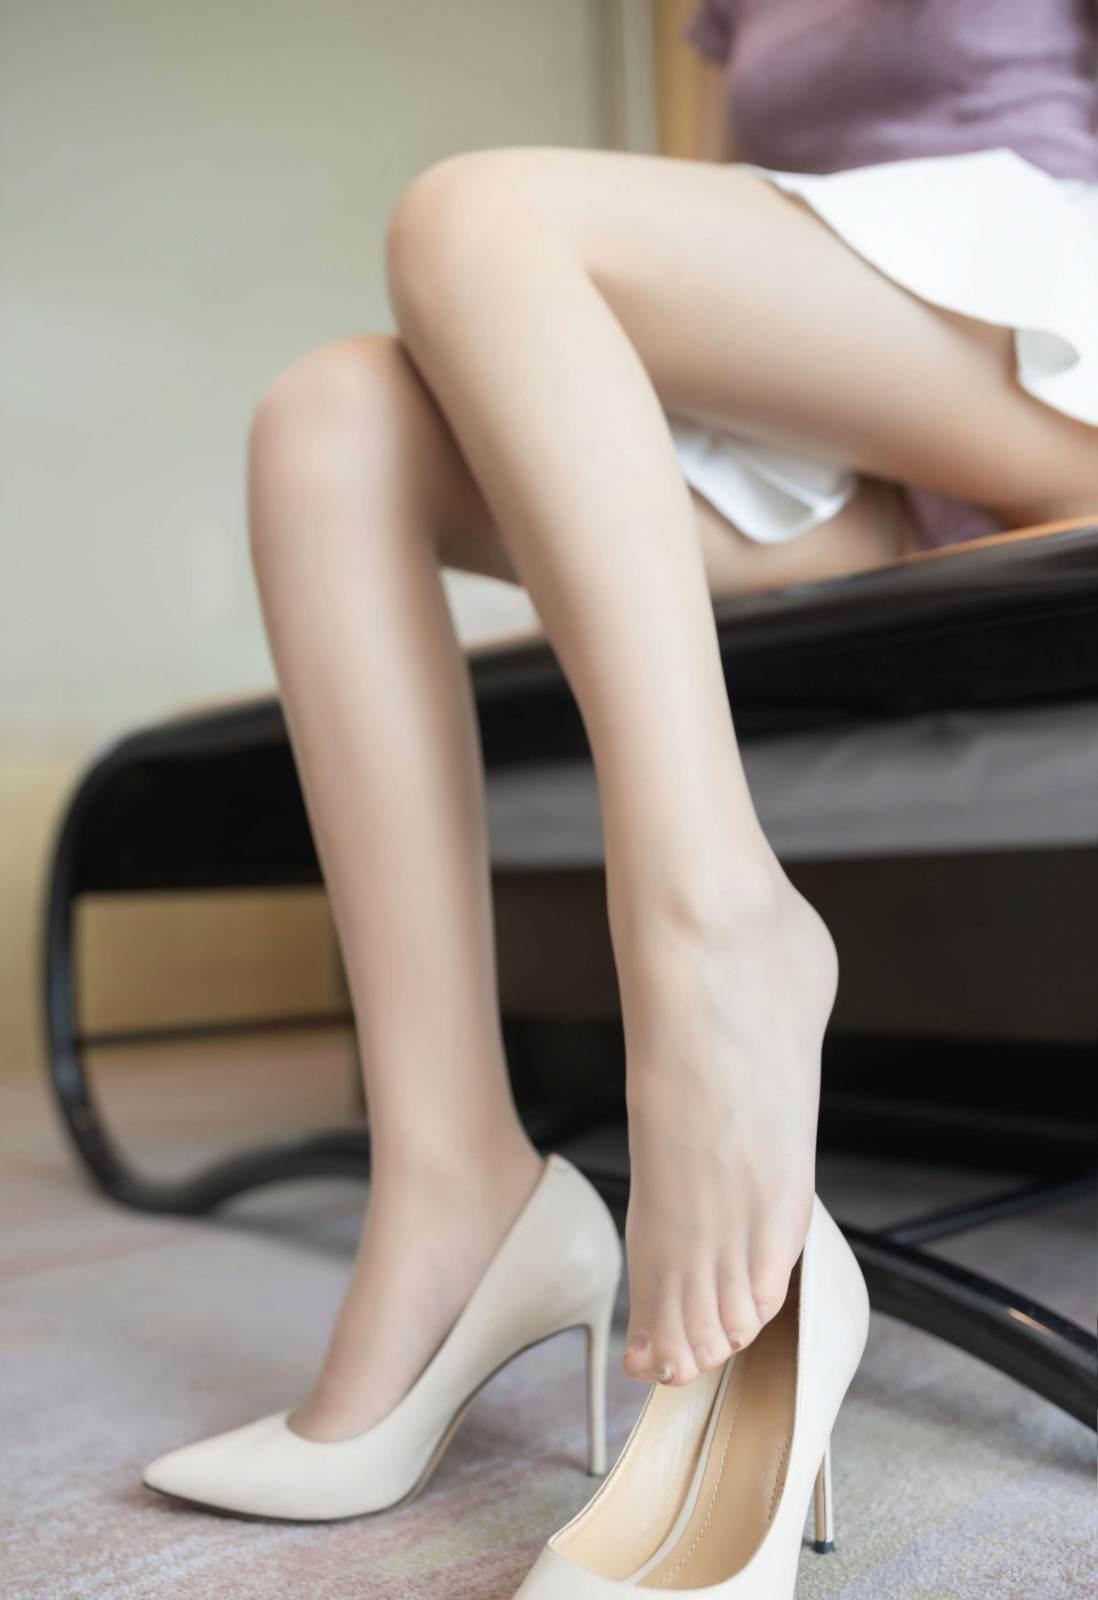 第170期充满活力的妹子唐安琪(jk裙,露脐装,高跟,肉丝)_图片6